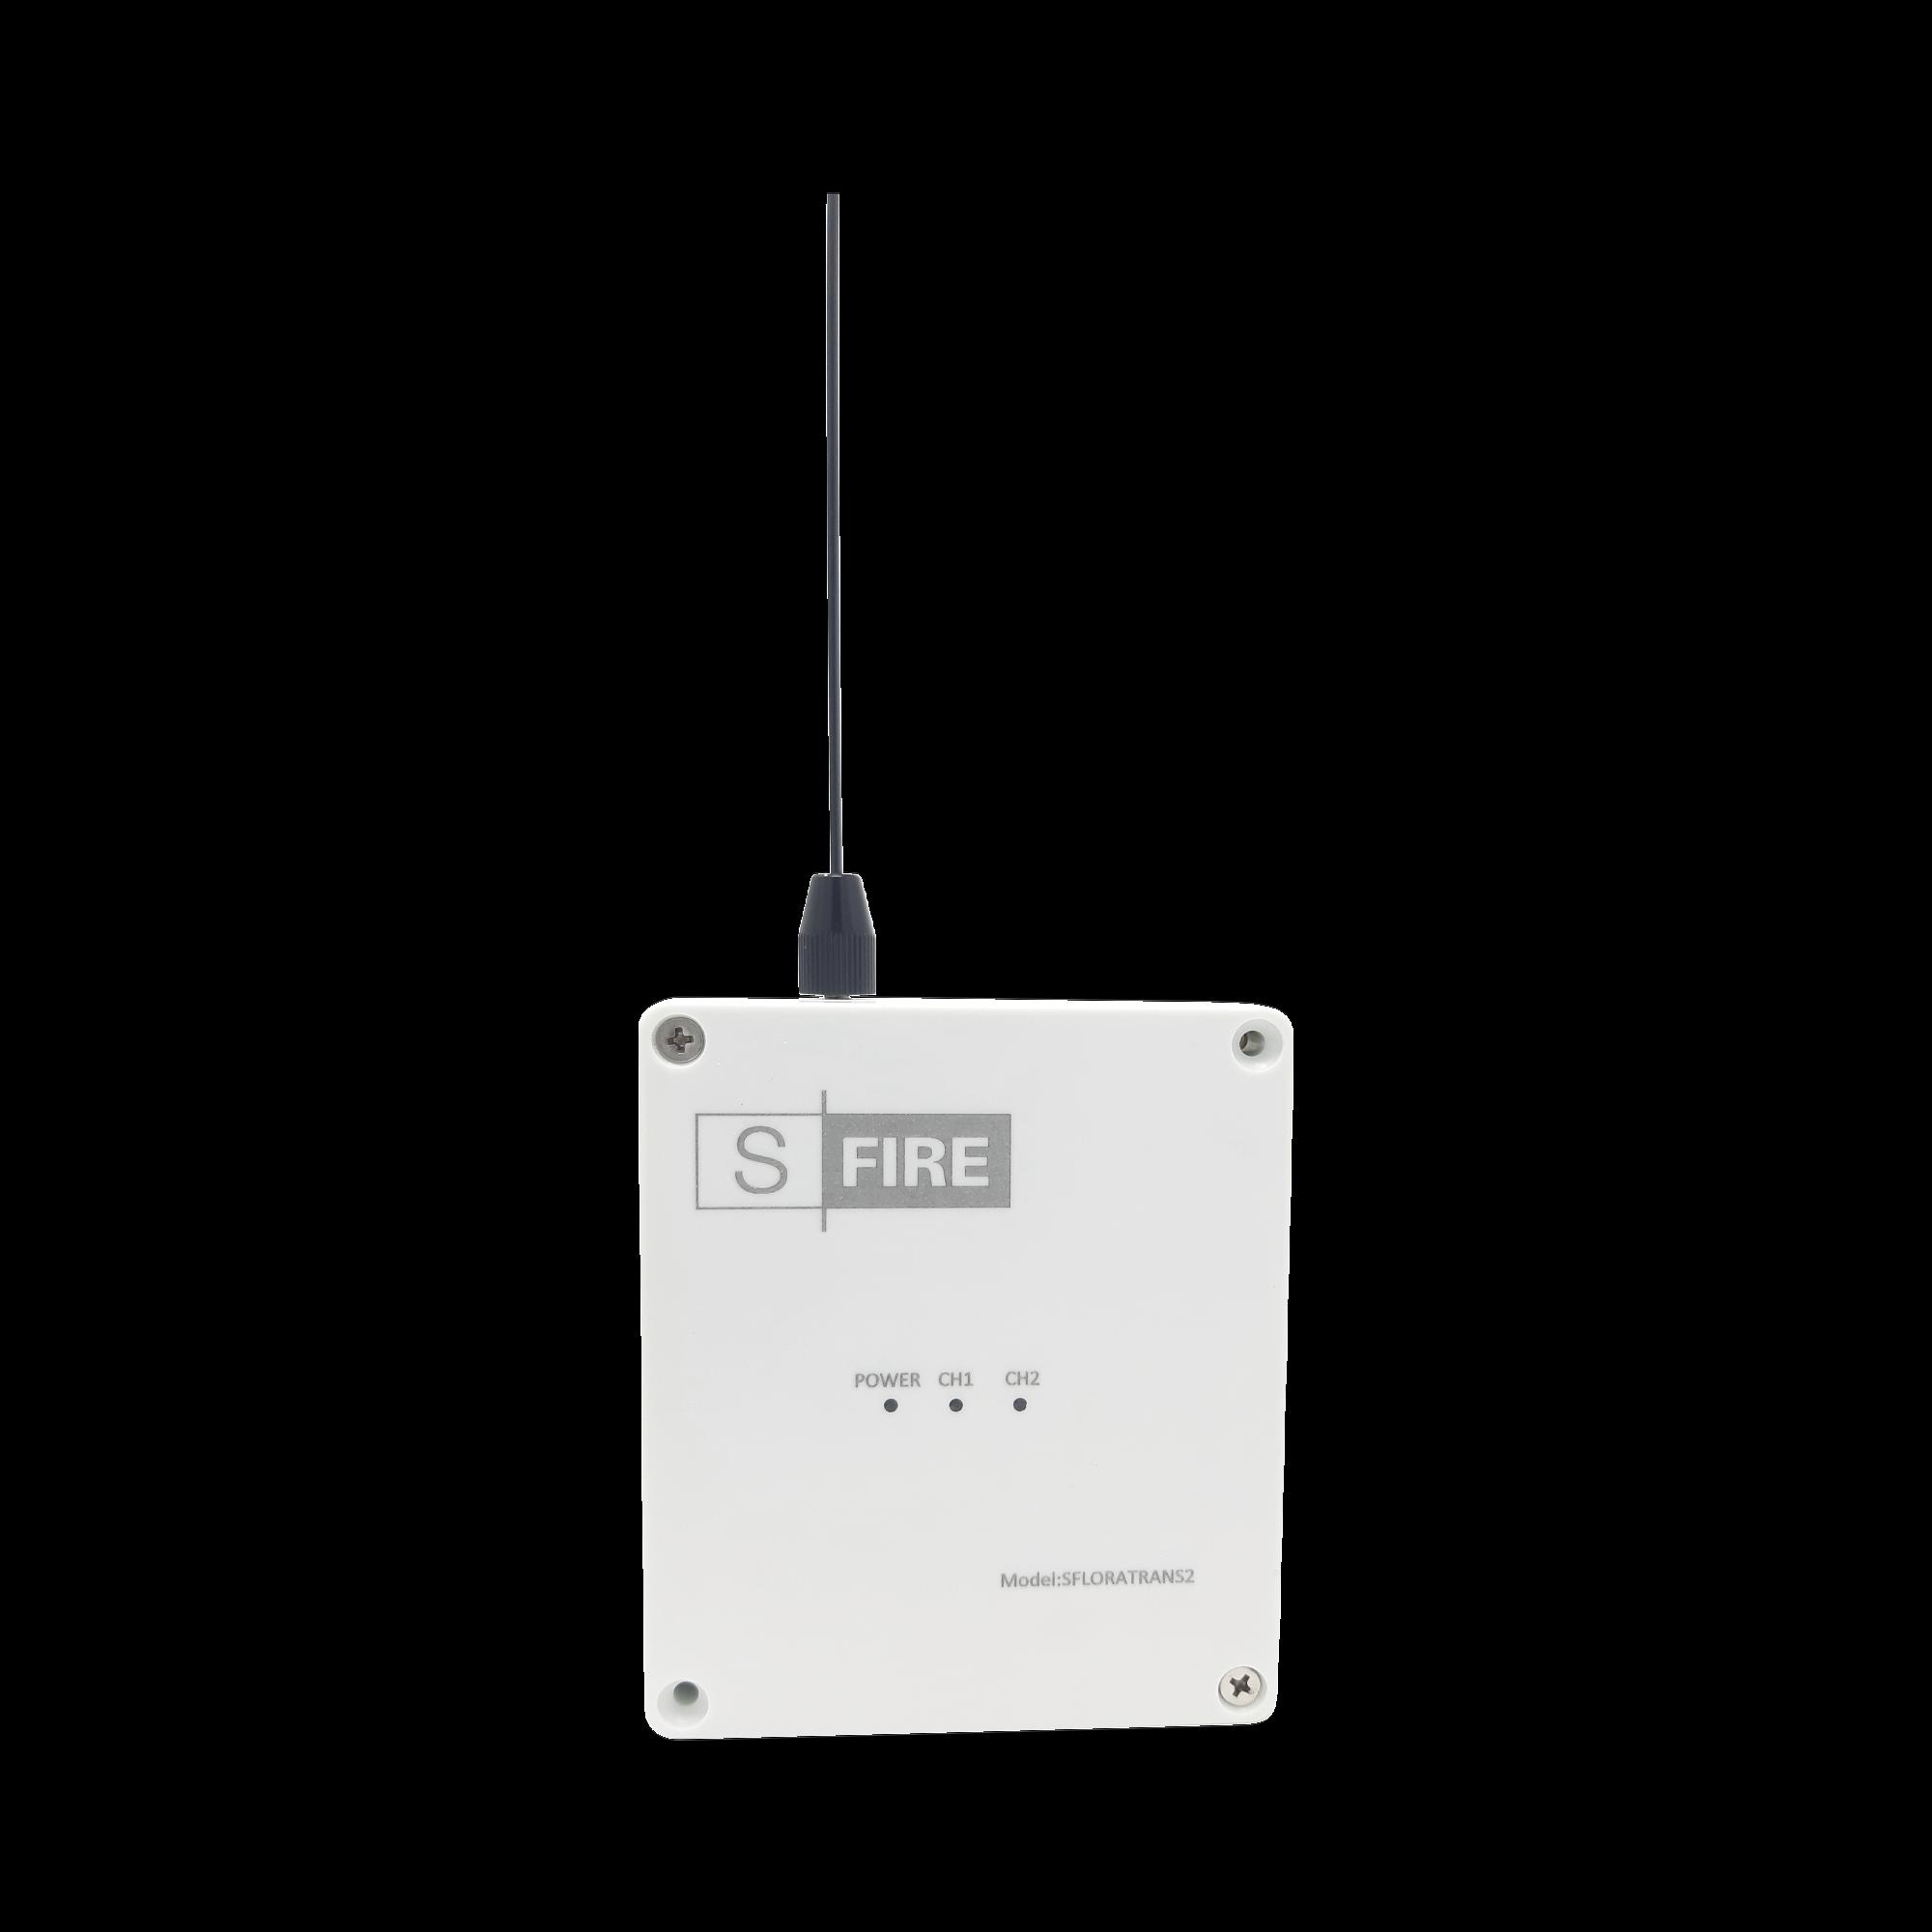 Transmisor inalámbrico / Entrada de 2 contactos secos NA / Distancia máxima de transmisión 2500 metros (Linea de vista)